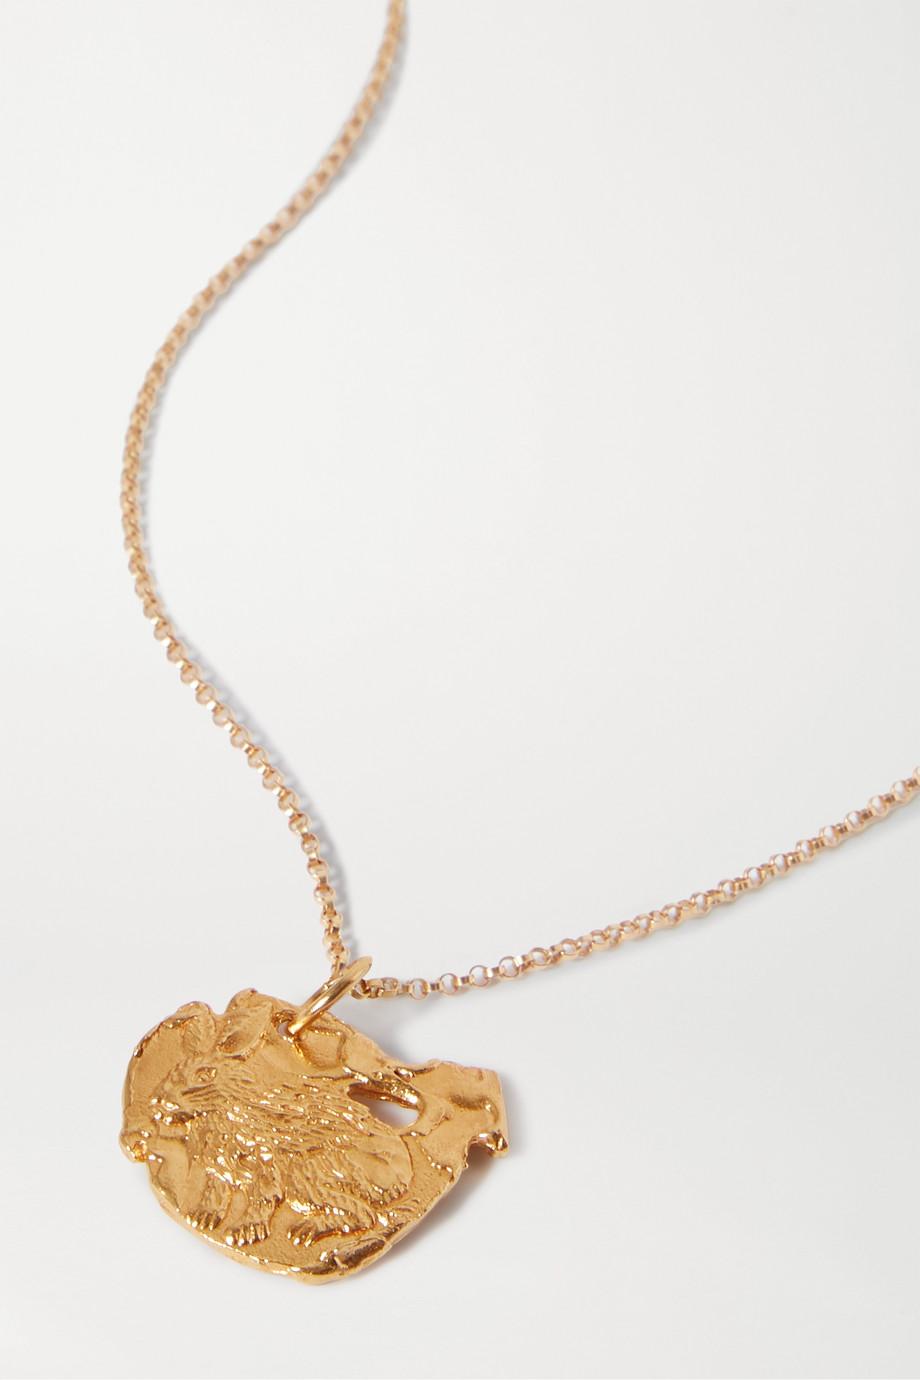 알리기에리 토끼 목걸이 20SS 12지신 시리즈 Alighieri Year of the Rabbit gold-plated necklace,Gold